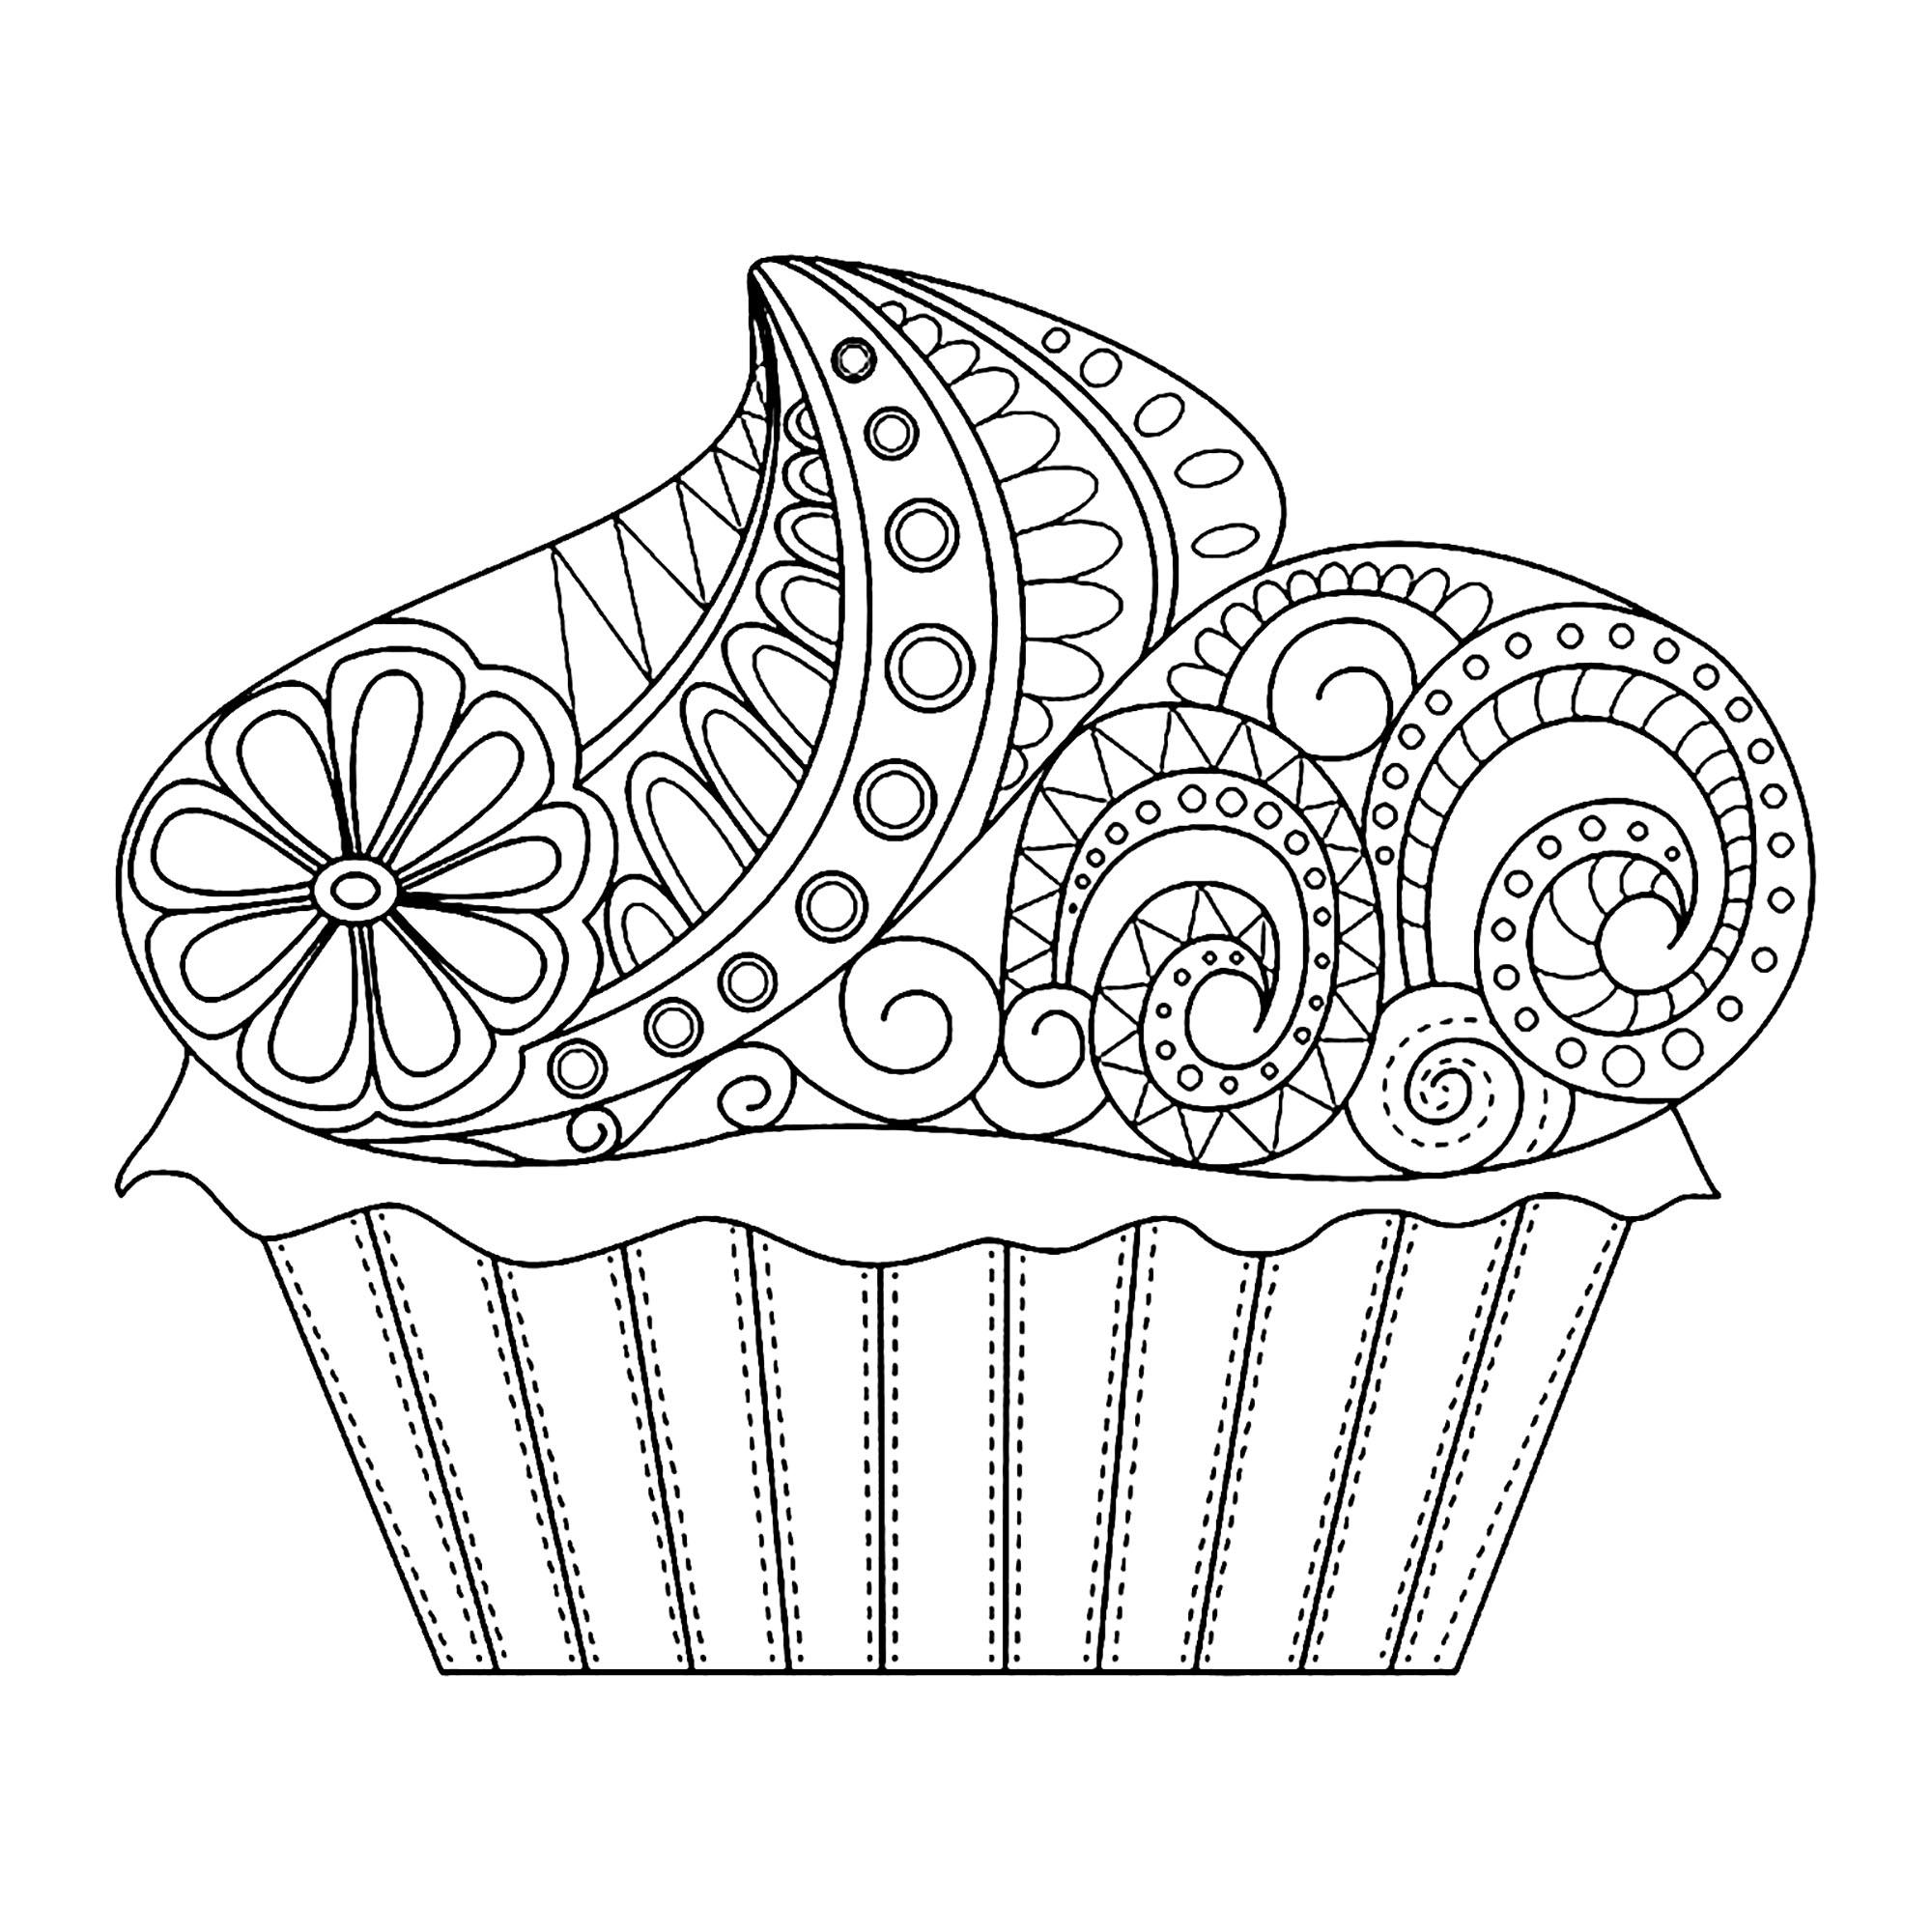 Disegni da Colorare per Adulti : Cup Cakes - 7